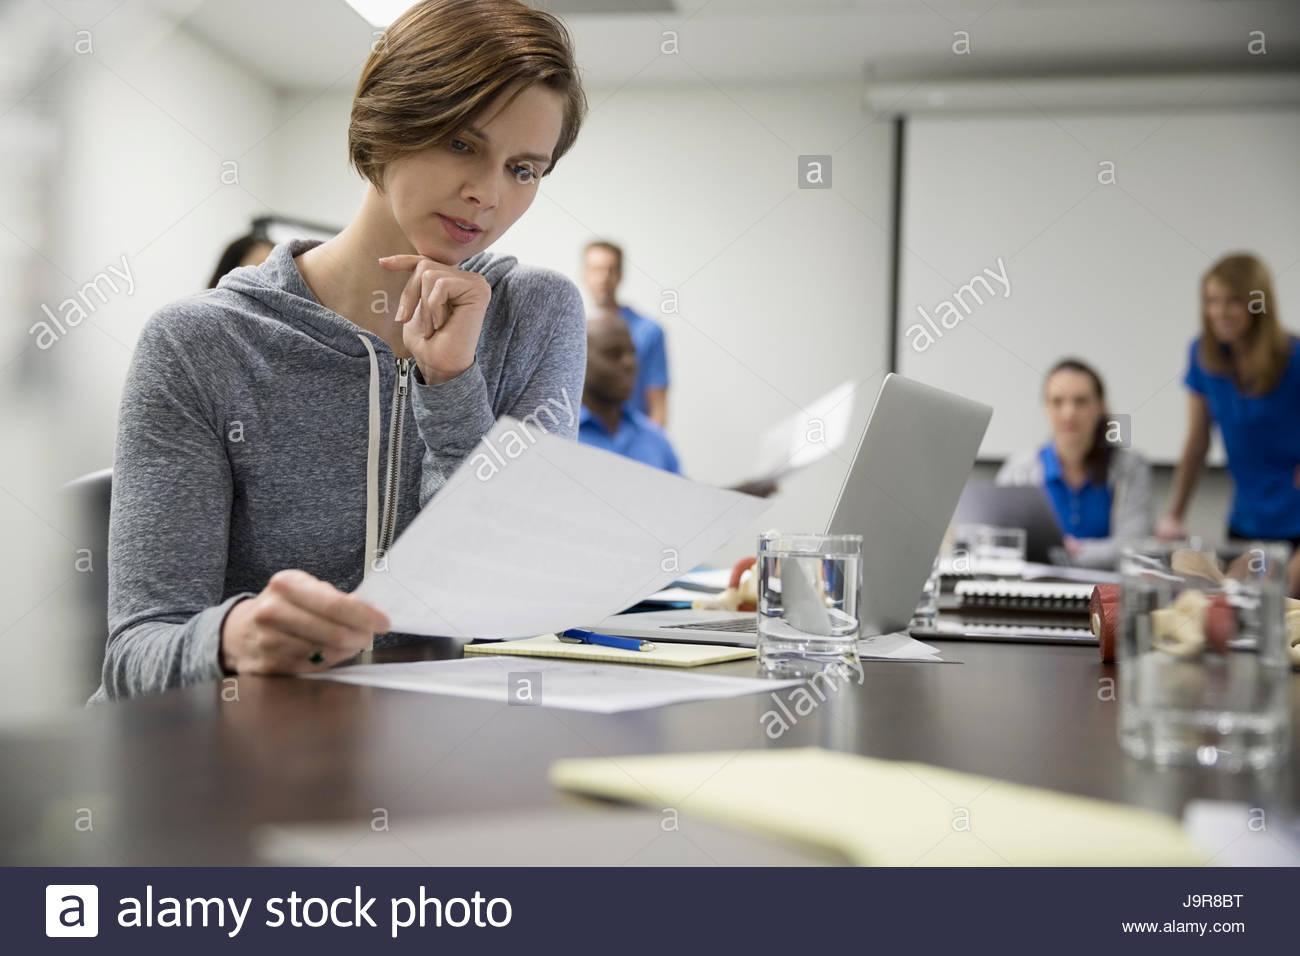 Fisioterapeuta con portátil femenino centrado en la sala de reunión de formación Imagen De Stock